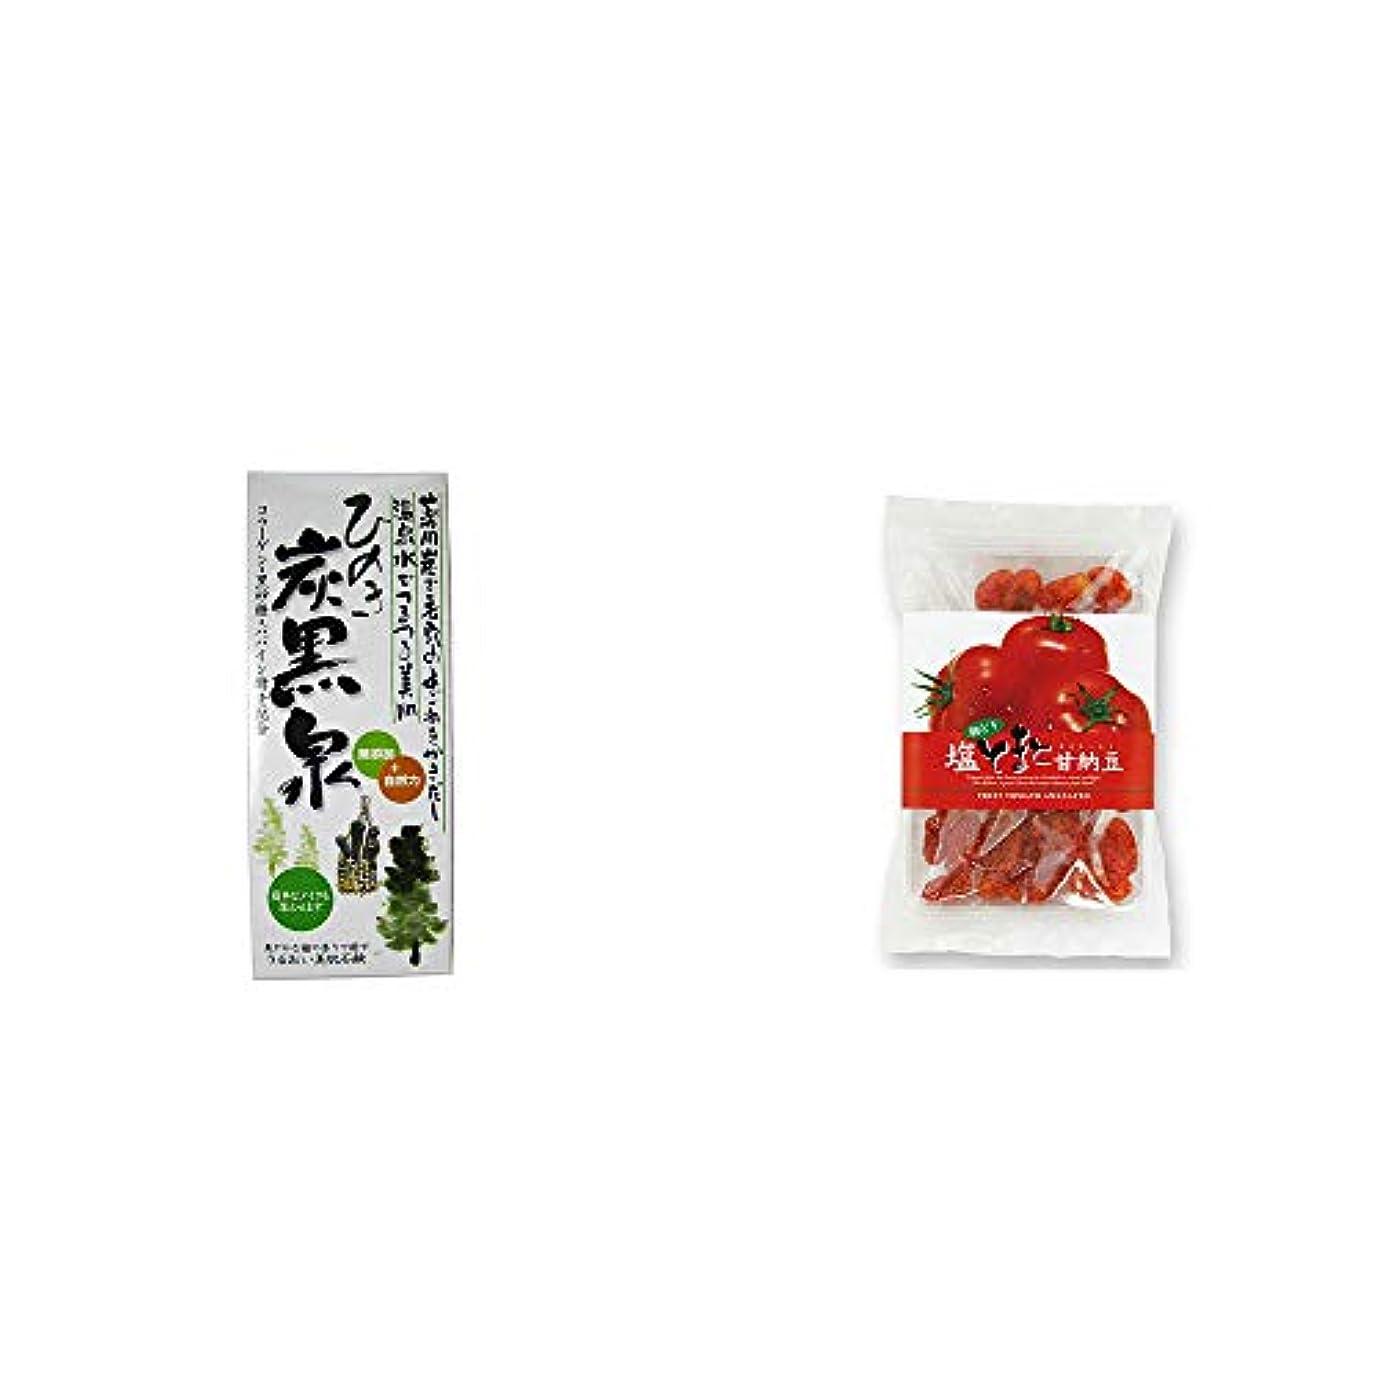 青甘味ホップ[2点セット] ひのき炭黒泉 箱入り(75g×3)?朝どり 塩とまと甘納豆(150g)